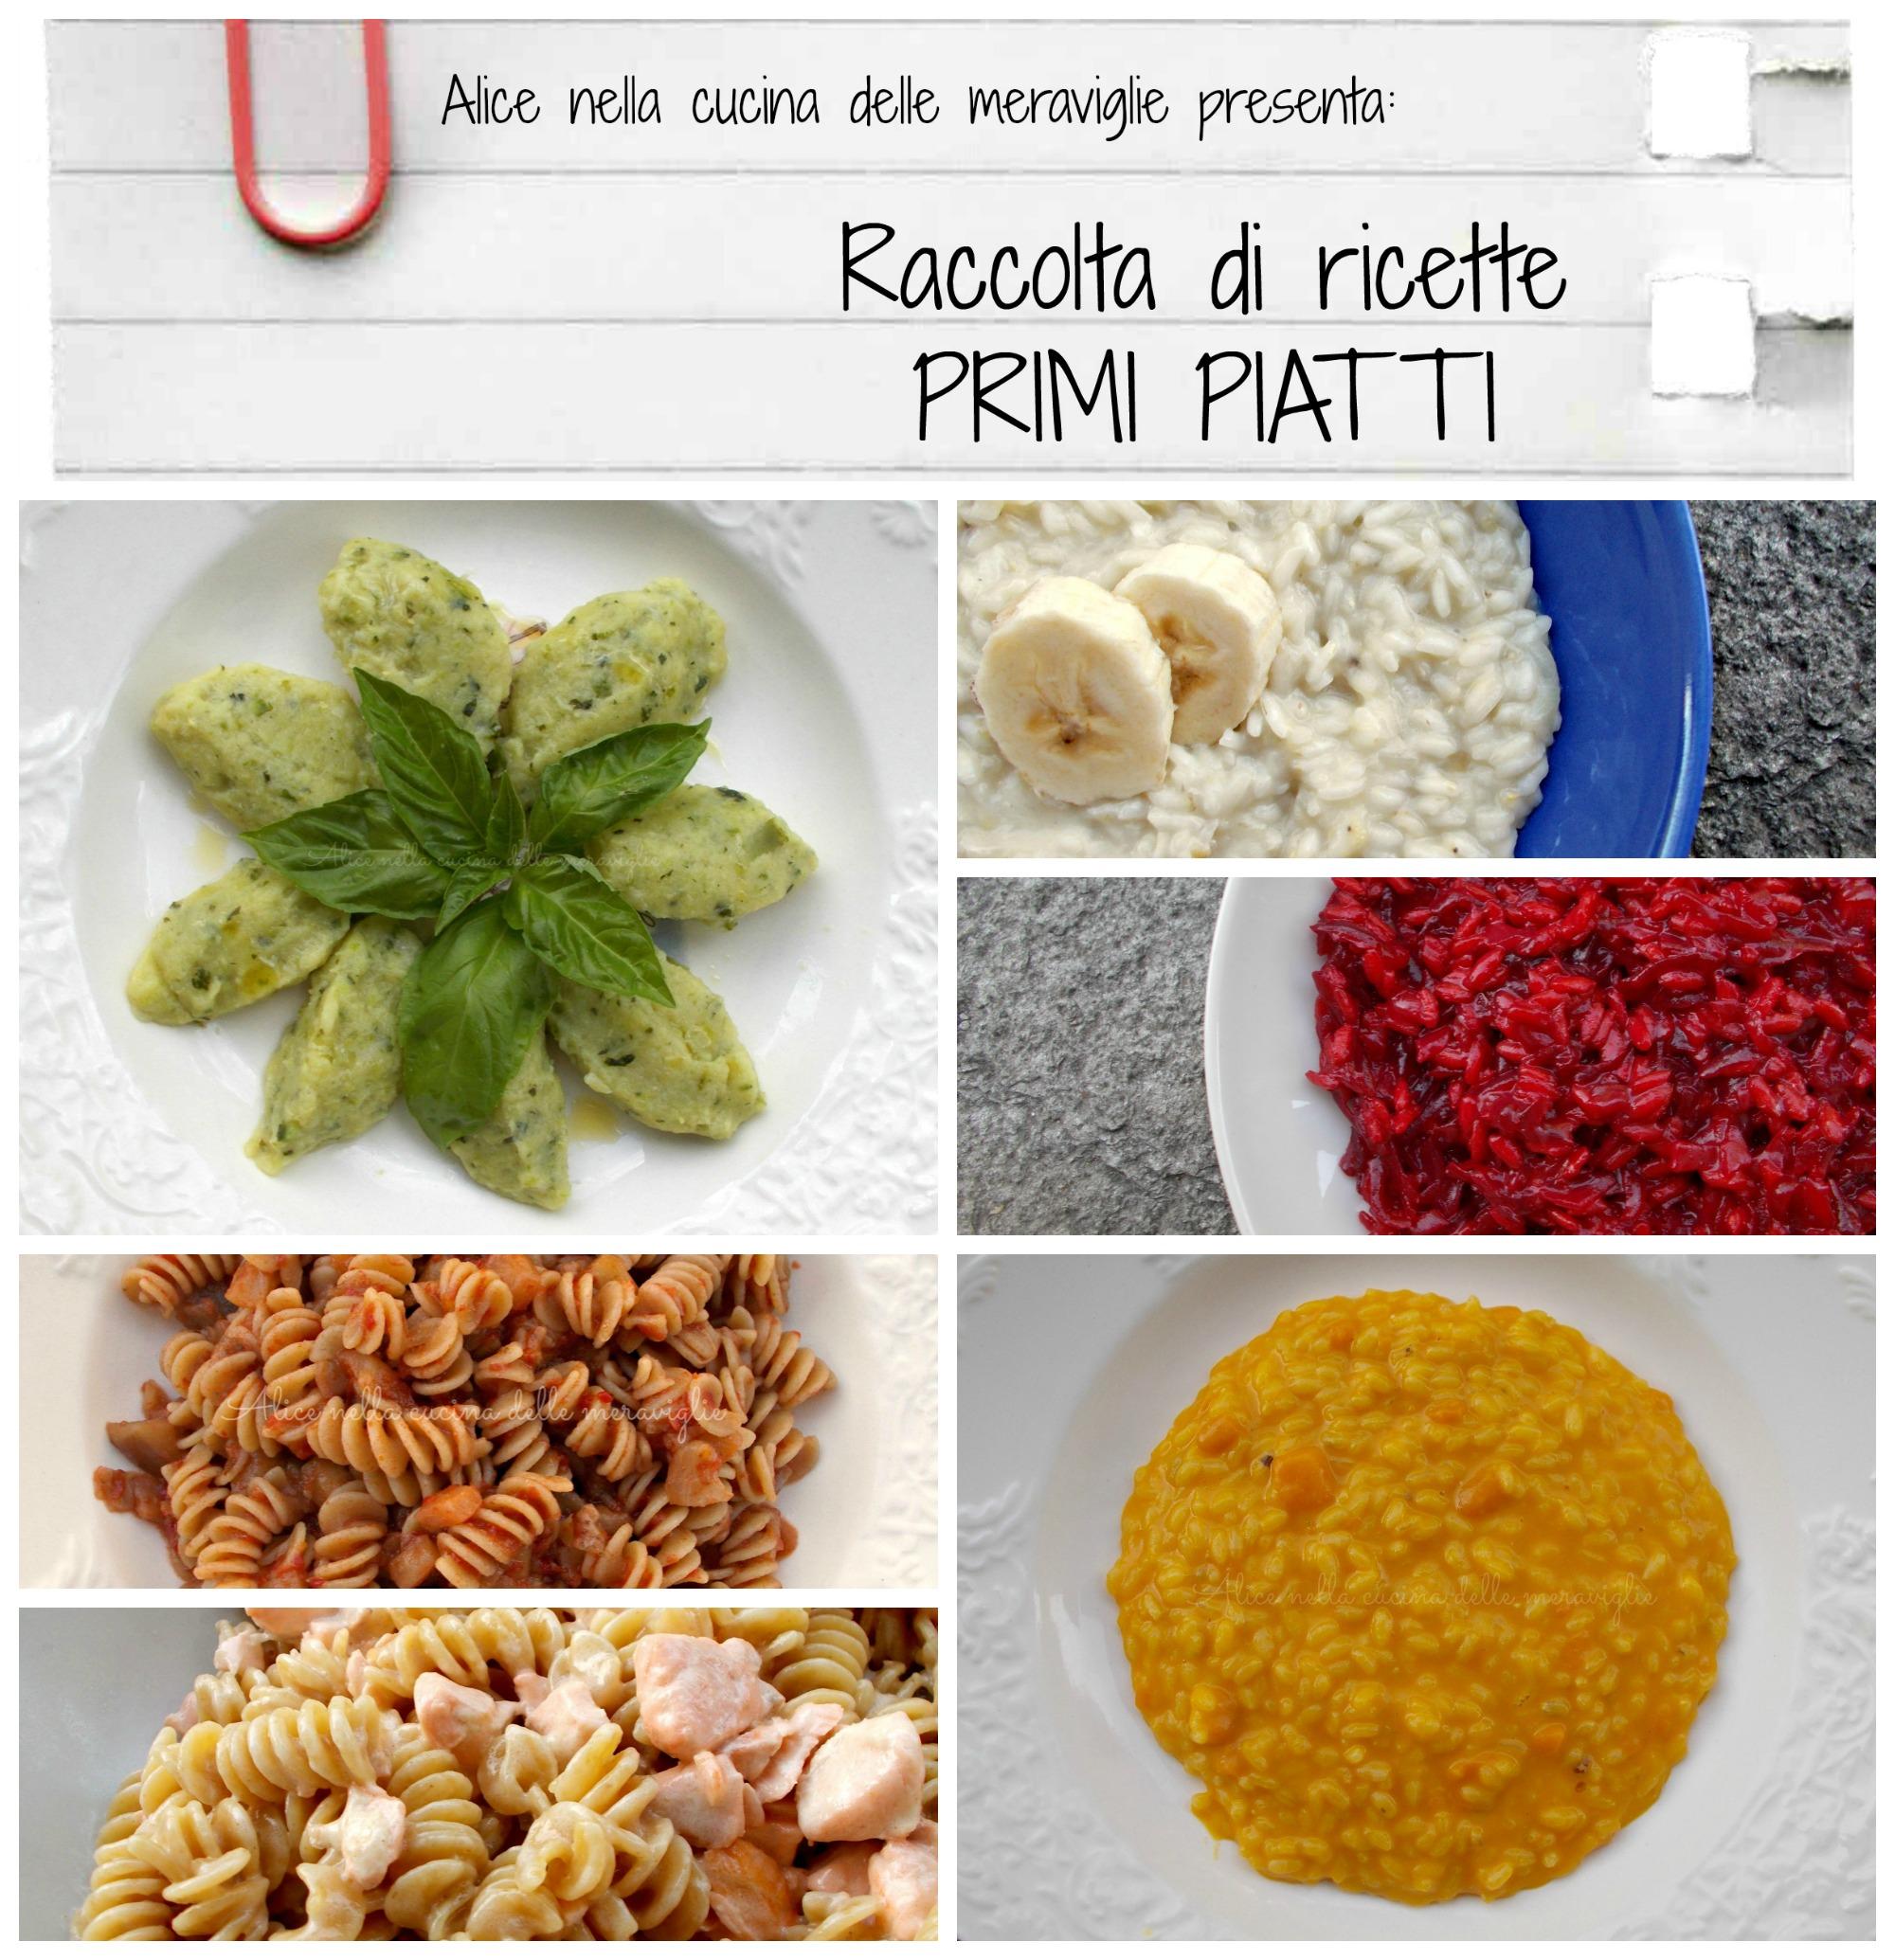 Raccolta di ricette Primi piatti Alice nella cucina delle meraviglie